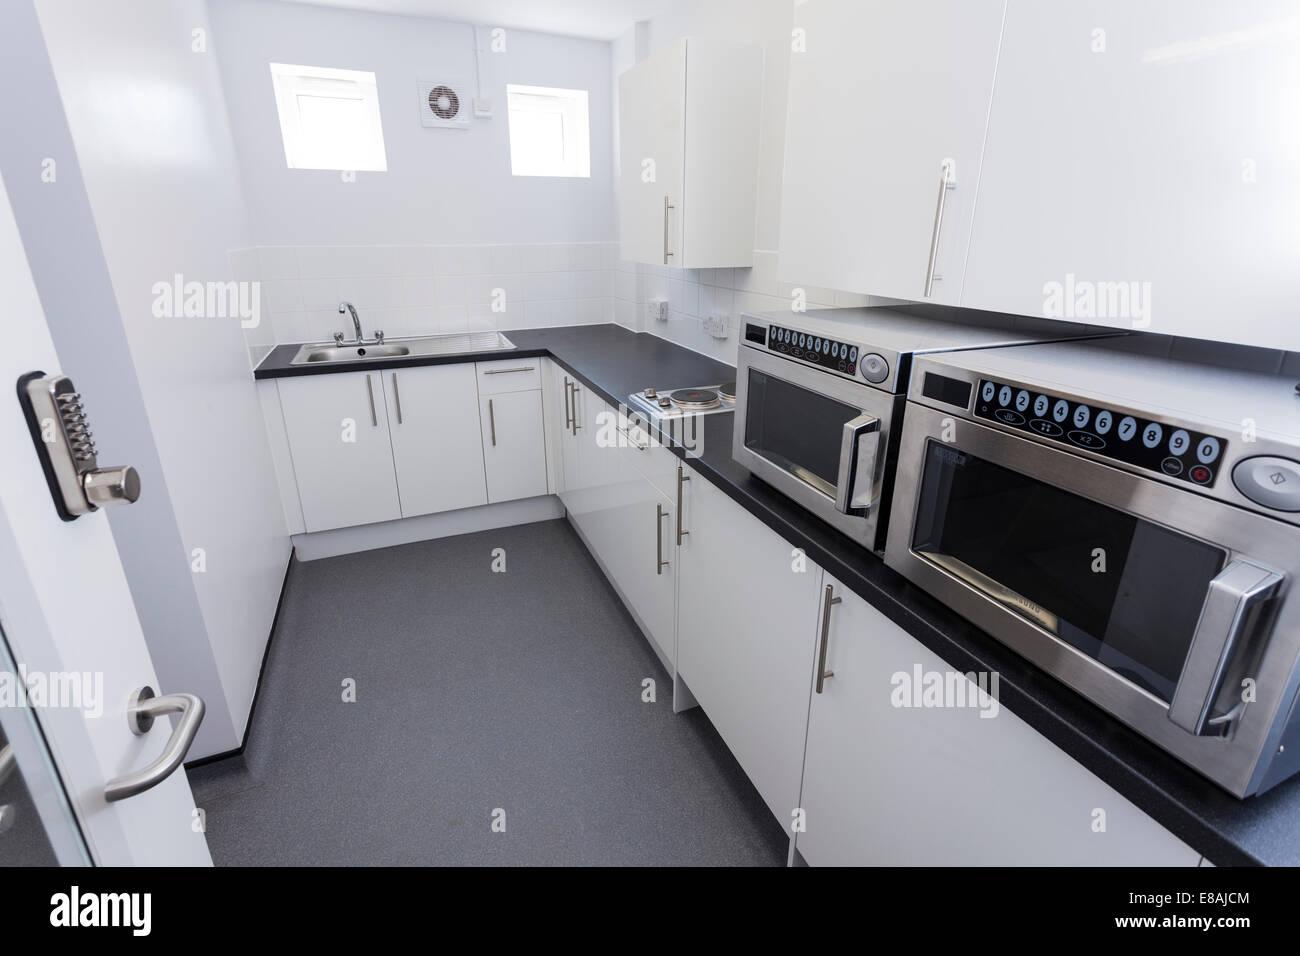 Small communal kitchenette. - Stock Image